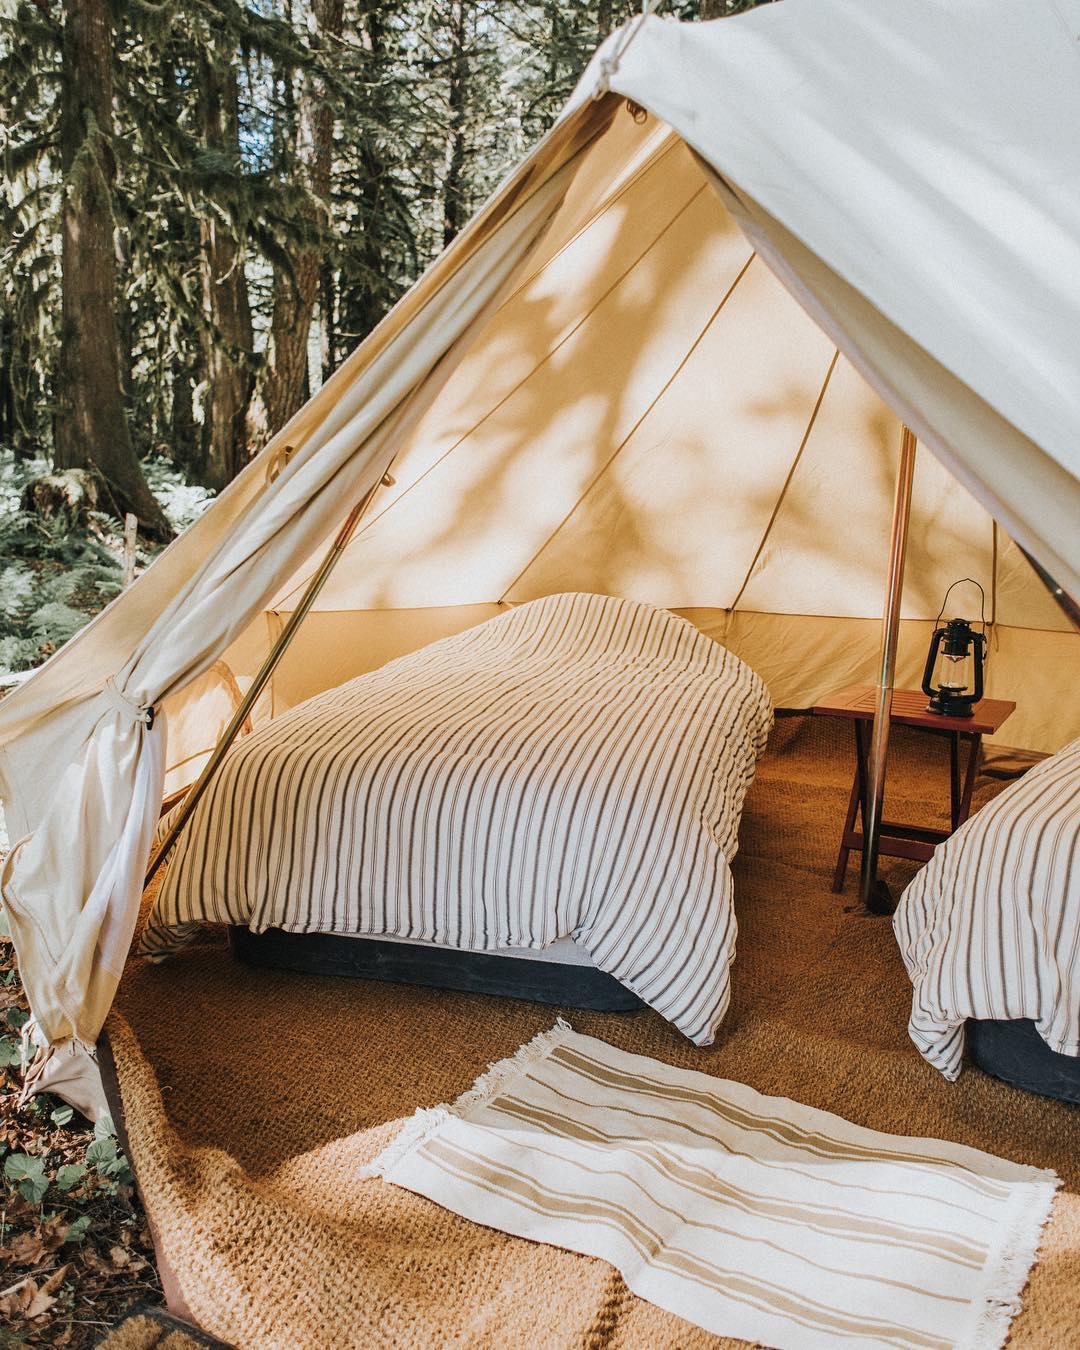 浪漫的野外露营 帐篷酒店狂野天堂